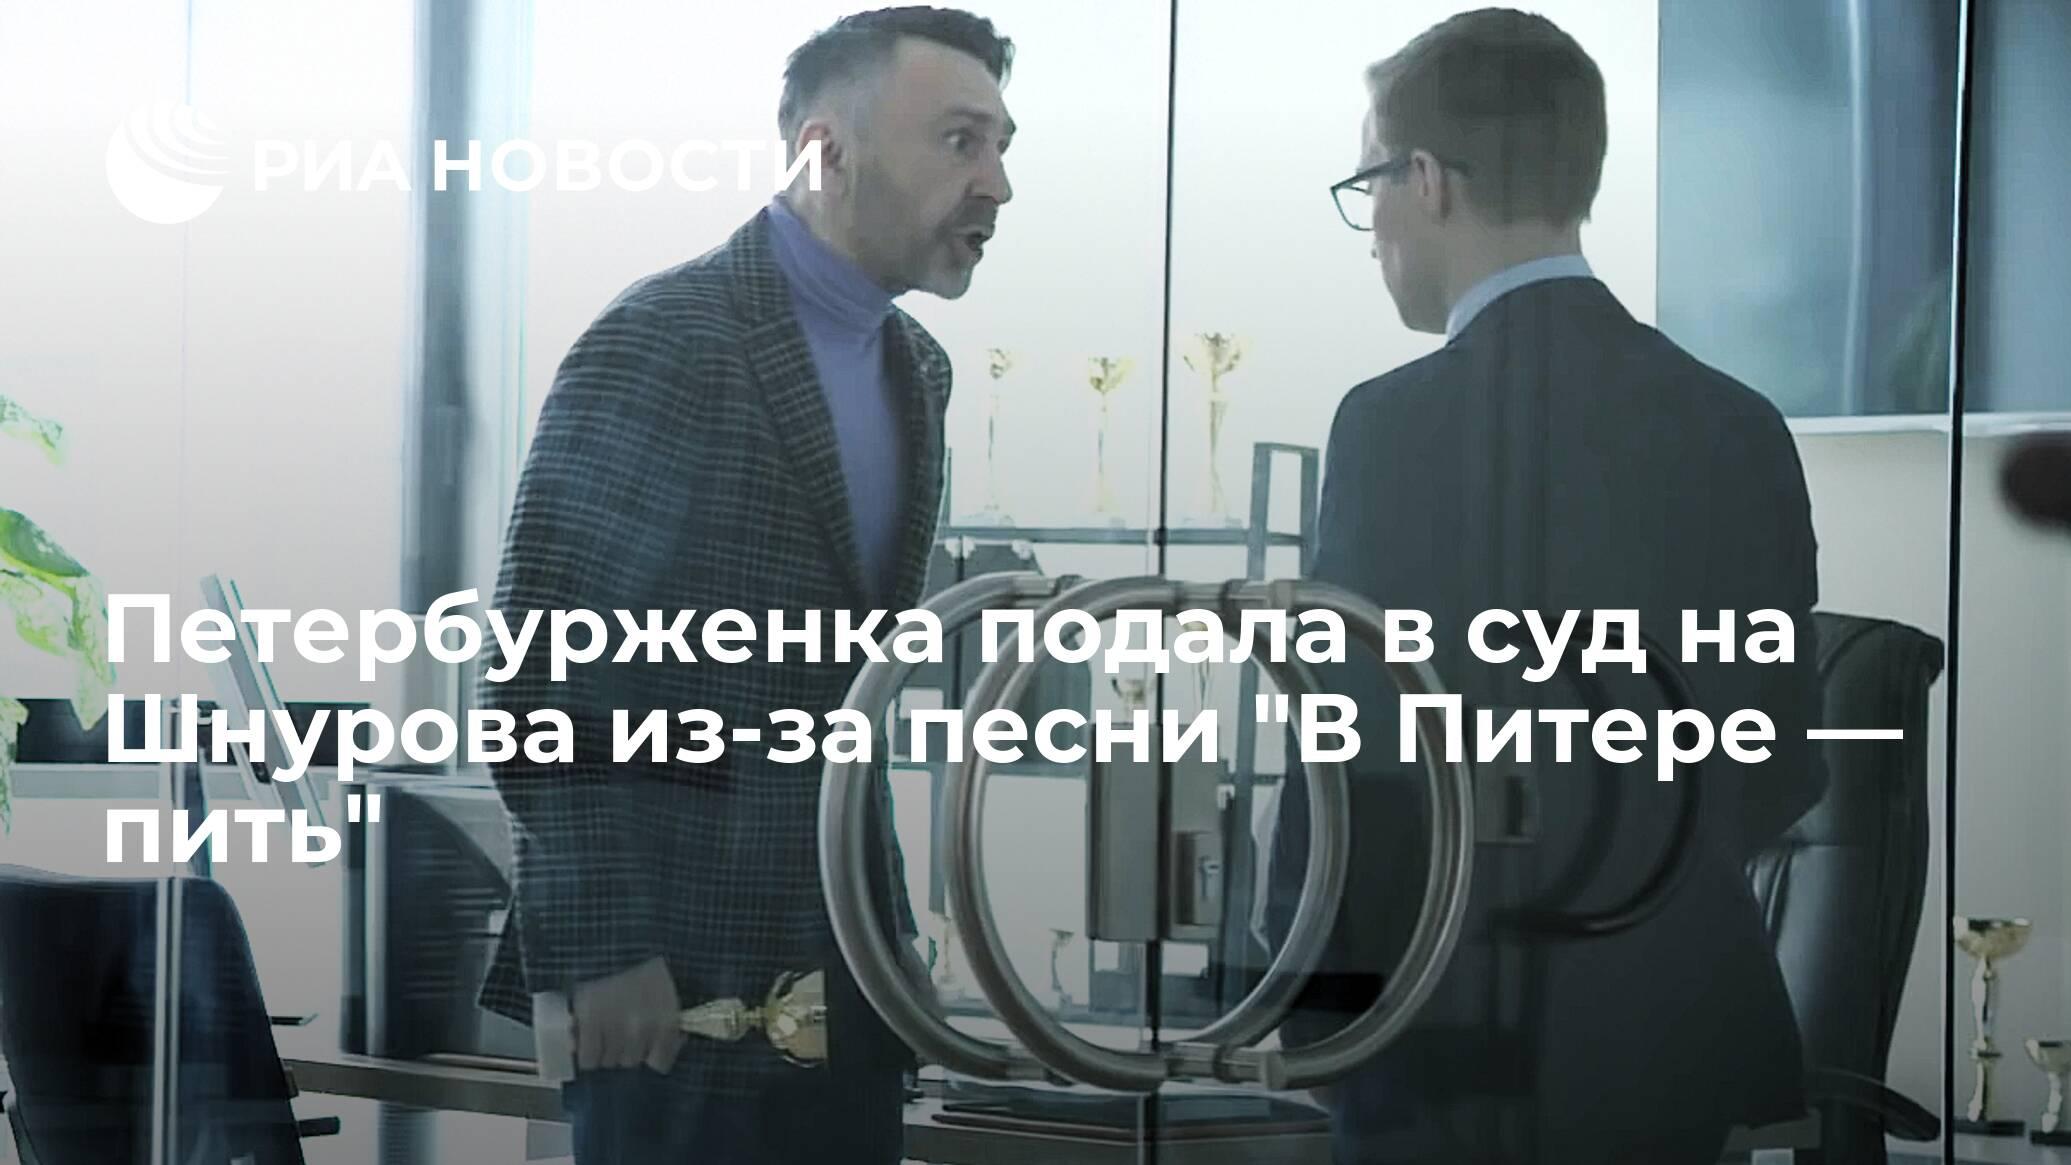 """Петербурженка подала в суд на Шнурова из-за песни """"В Питере - пить"""""""